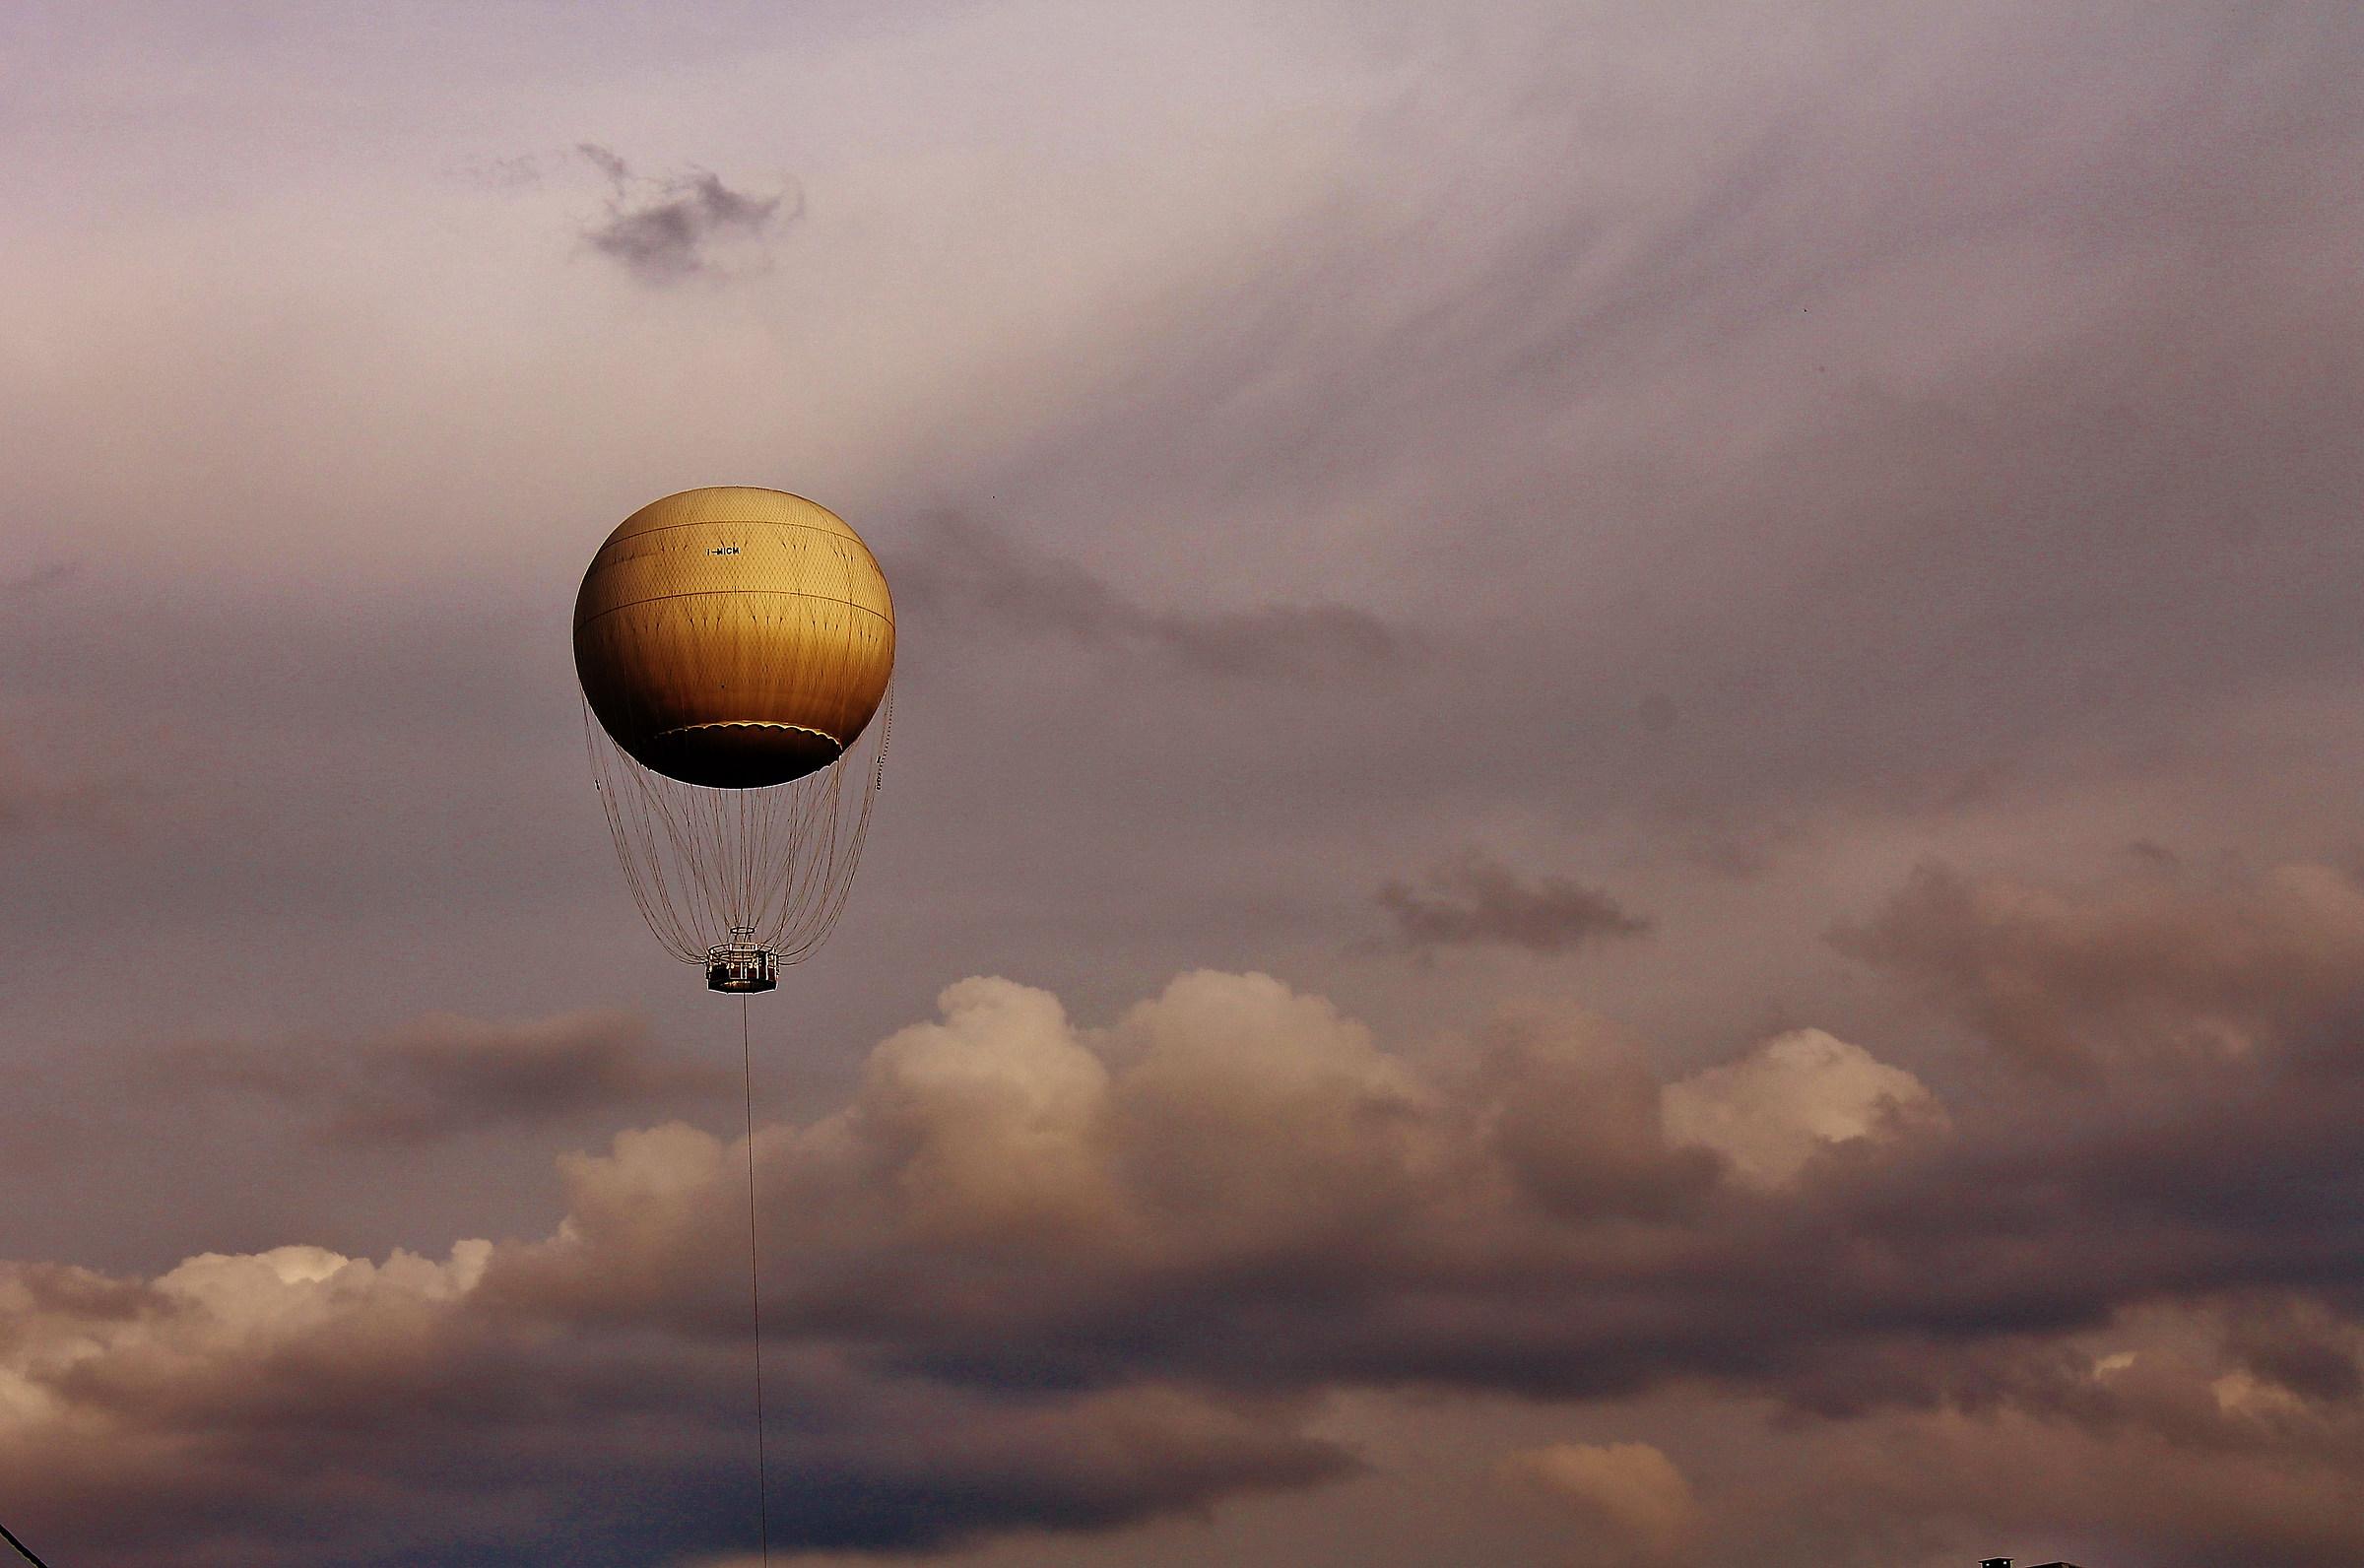 Gliding in the sky...